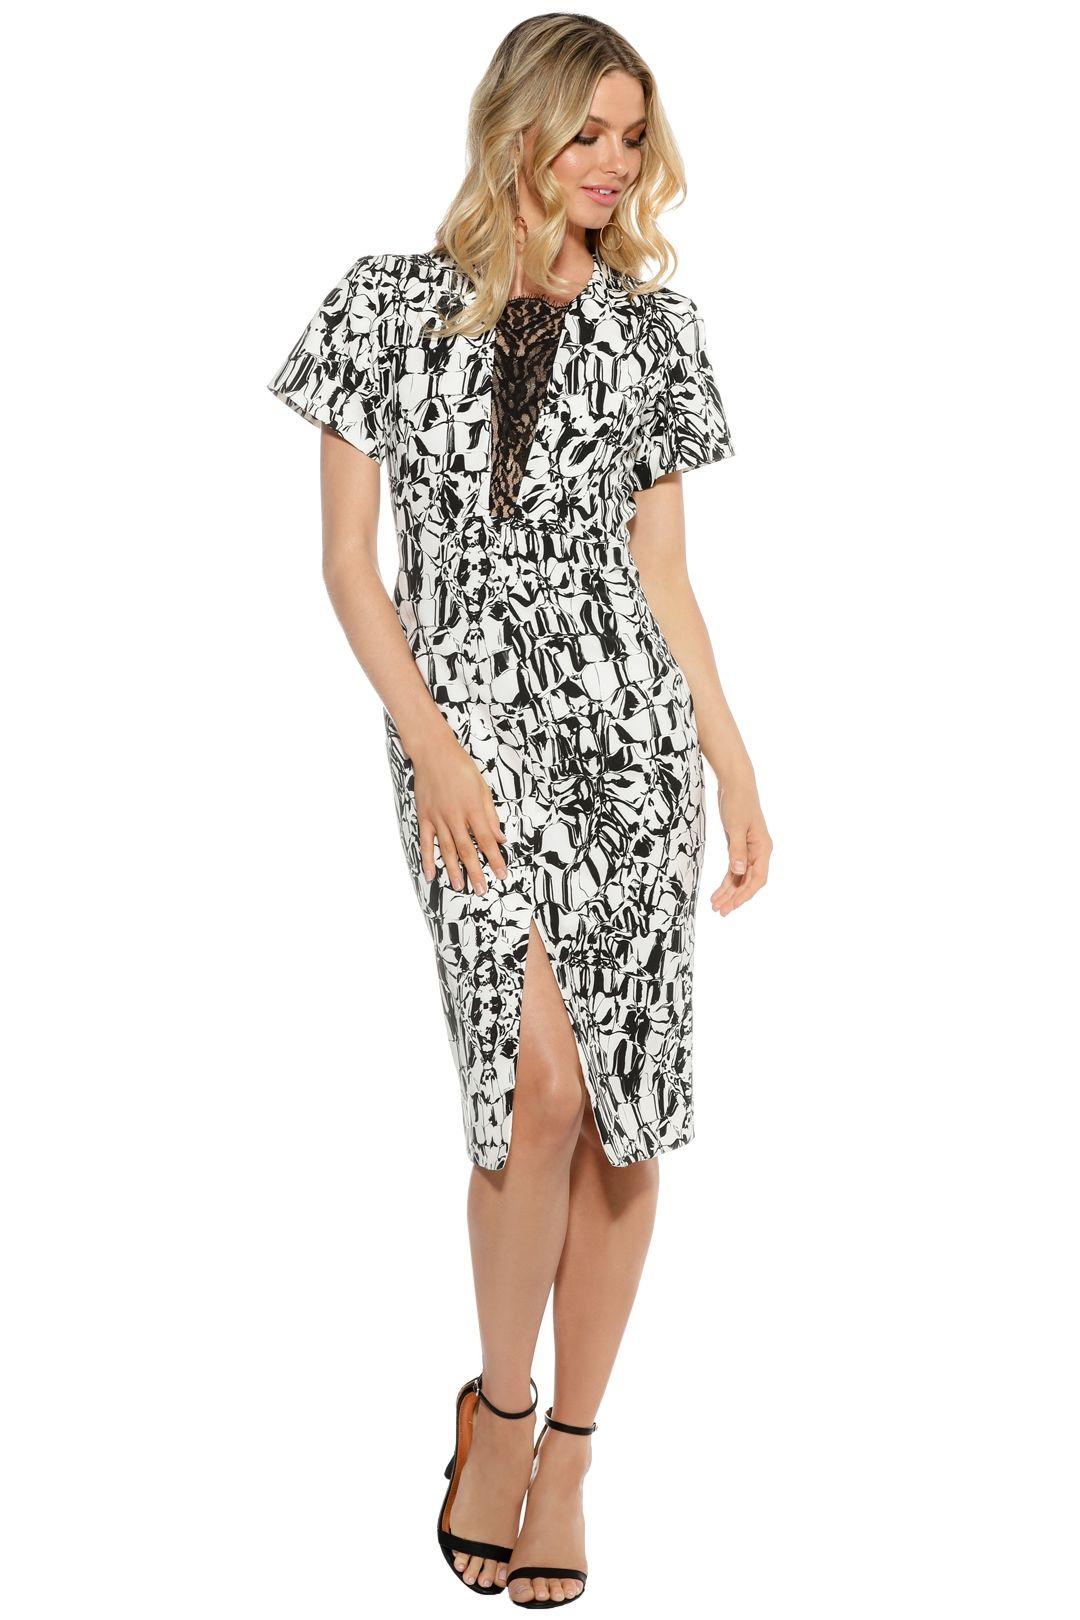 Ginger & Smart - Black Marble Dress - Black White - Front